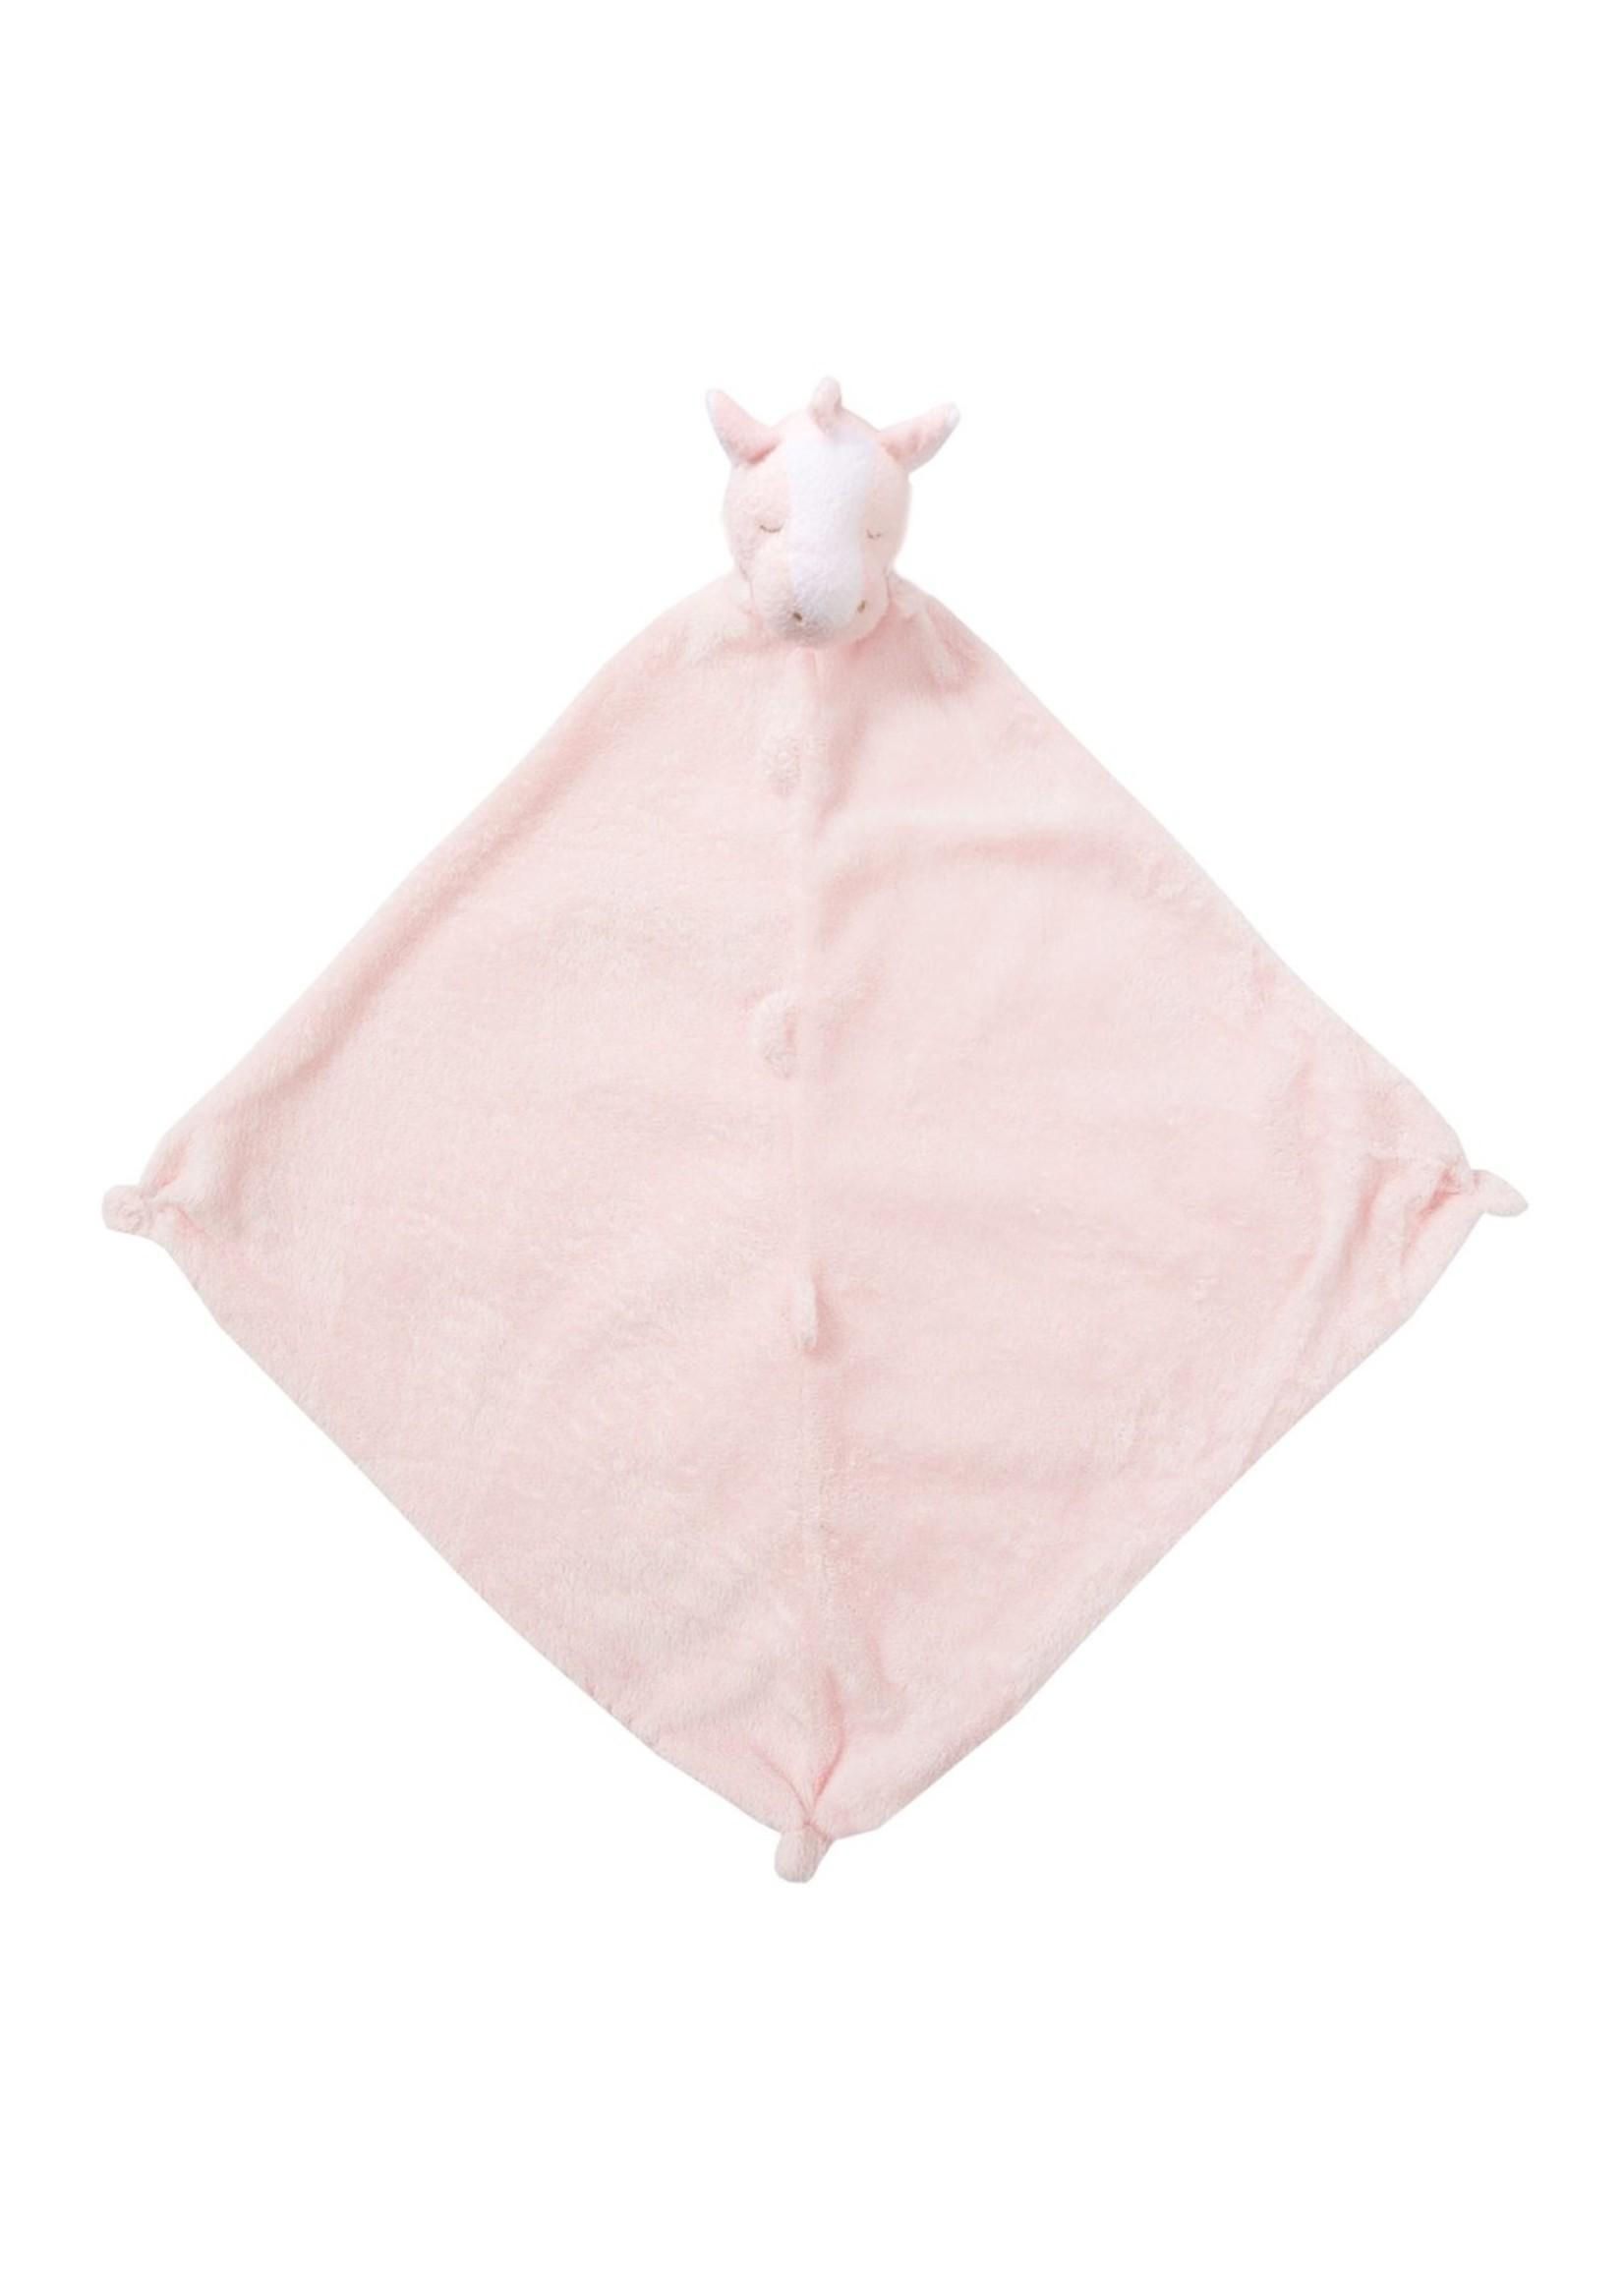 Angel Dear Angel Dear Blankie - Pink Pony